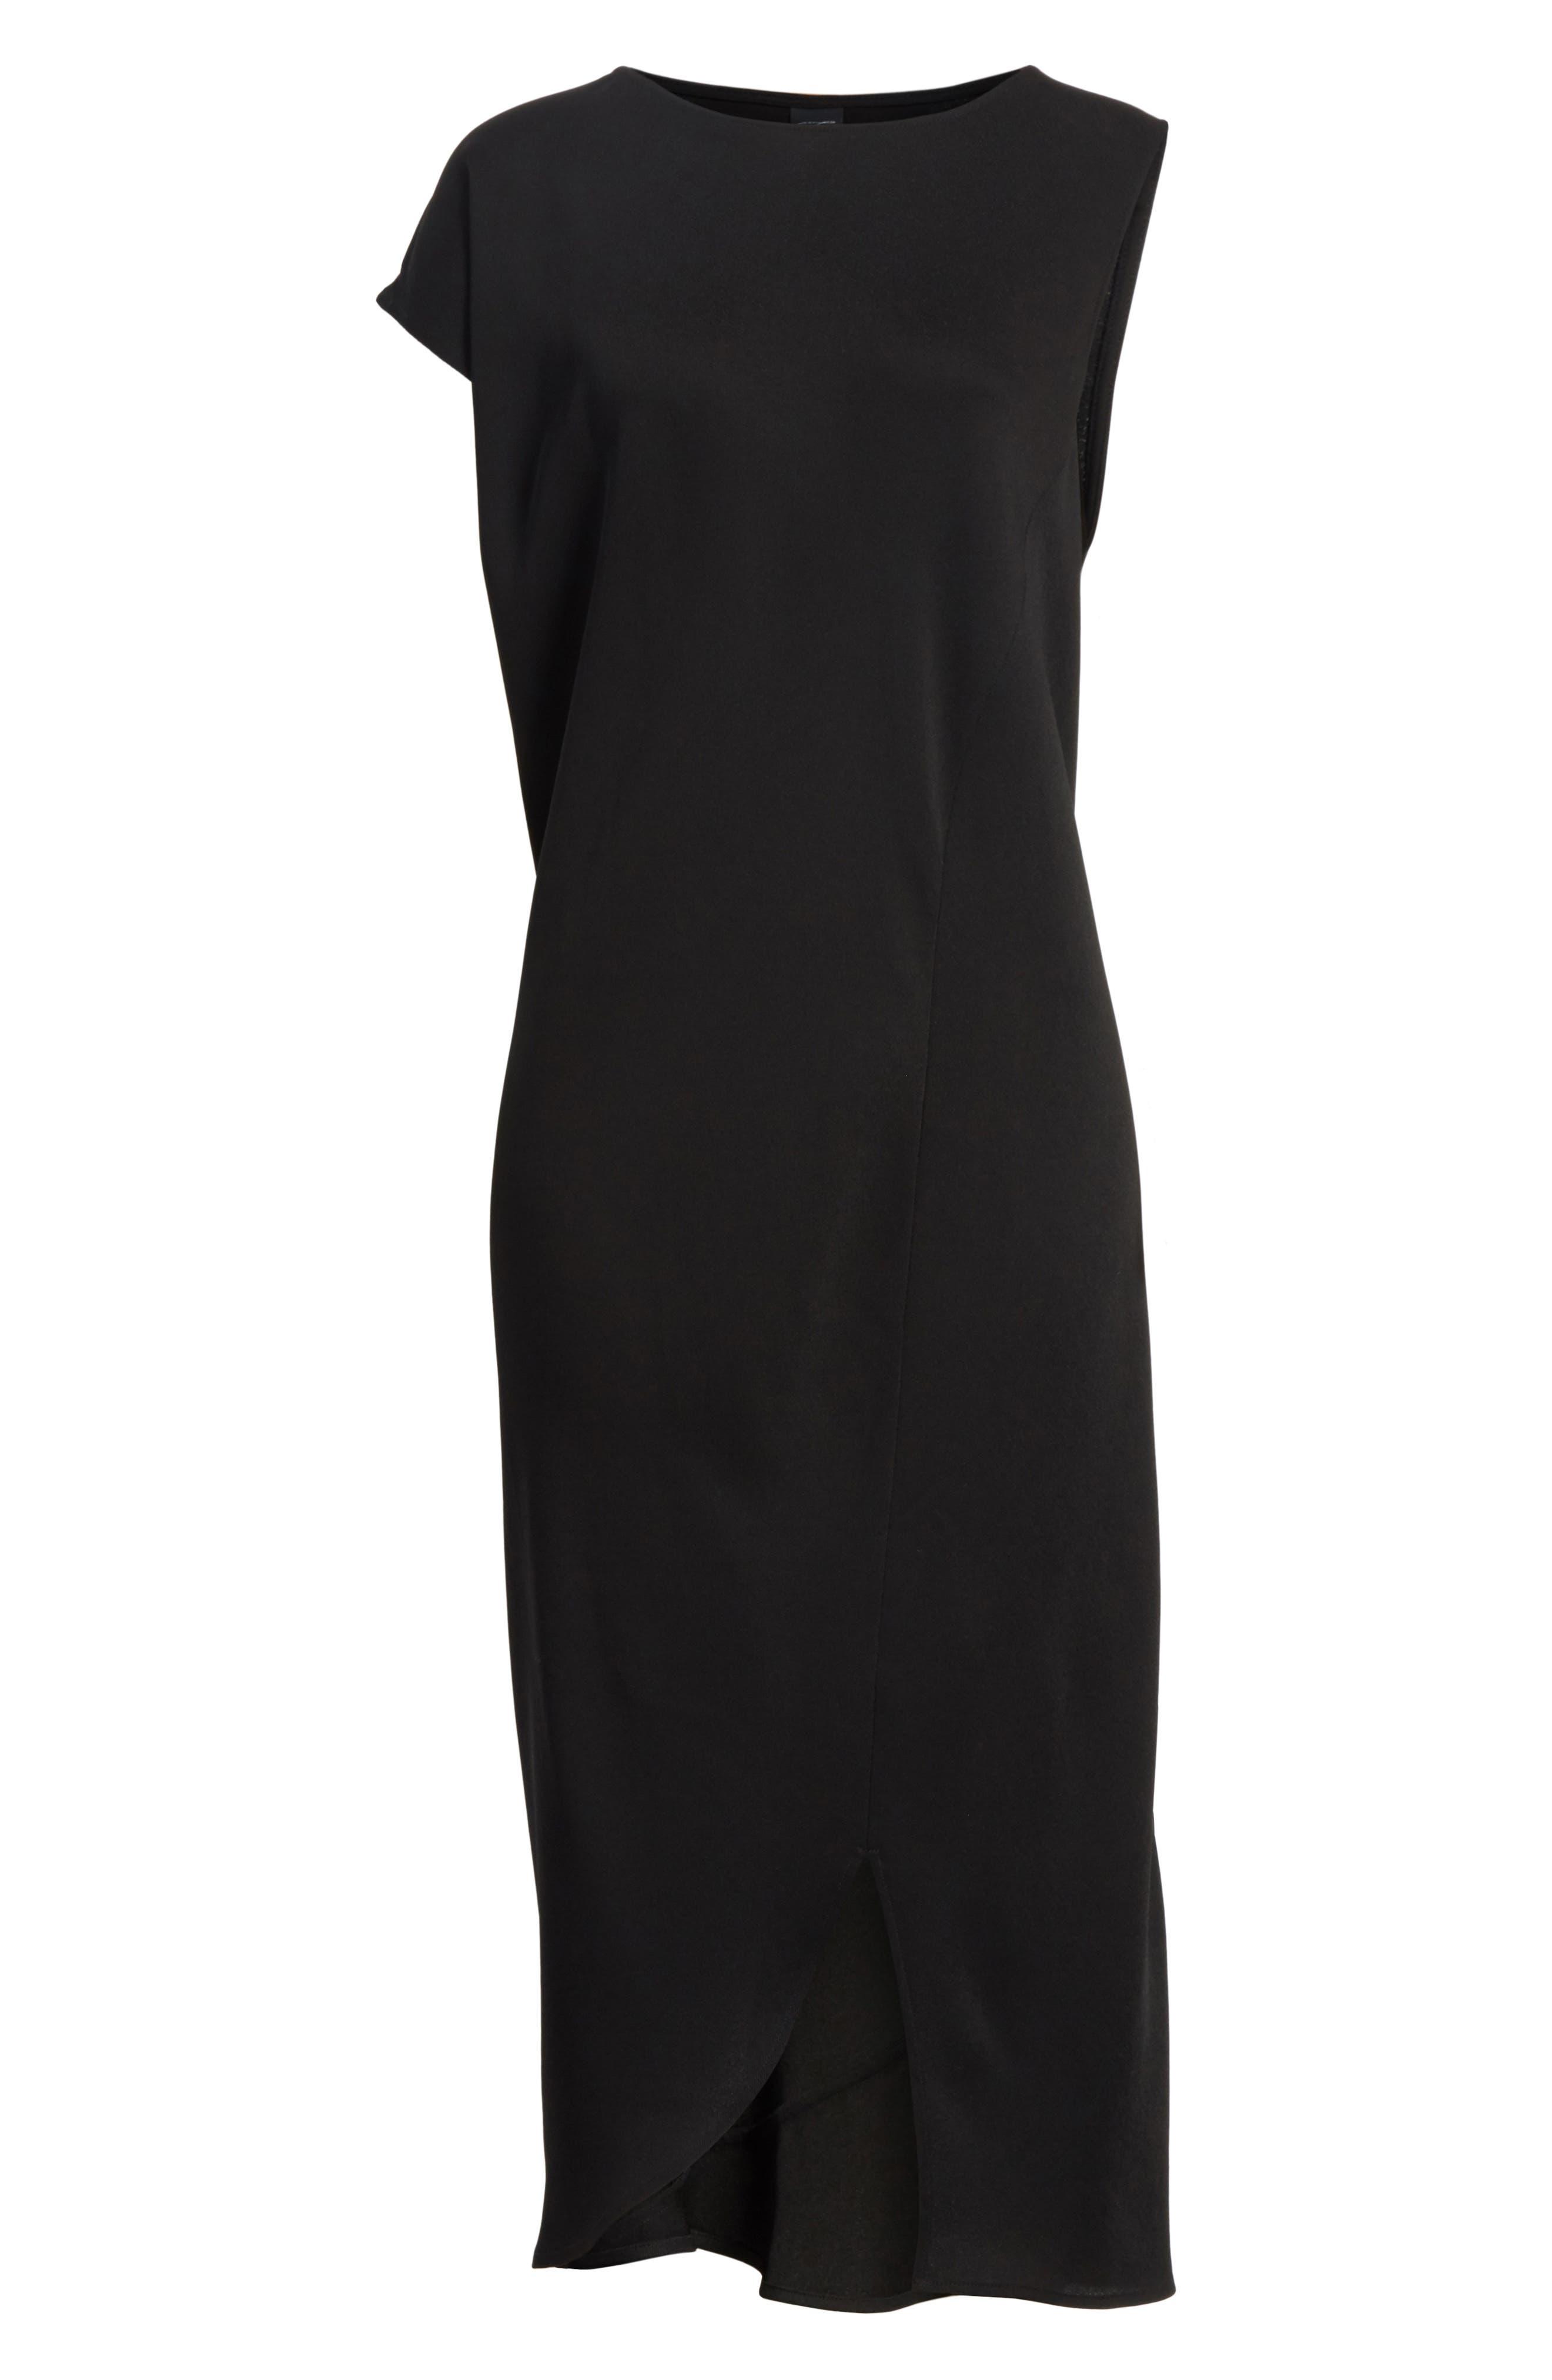 Tula Eco Drape Dress,                             Alternate thumbnail 6, color,                             001